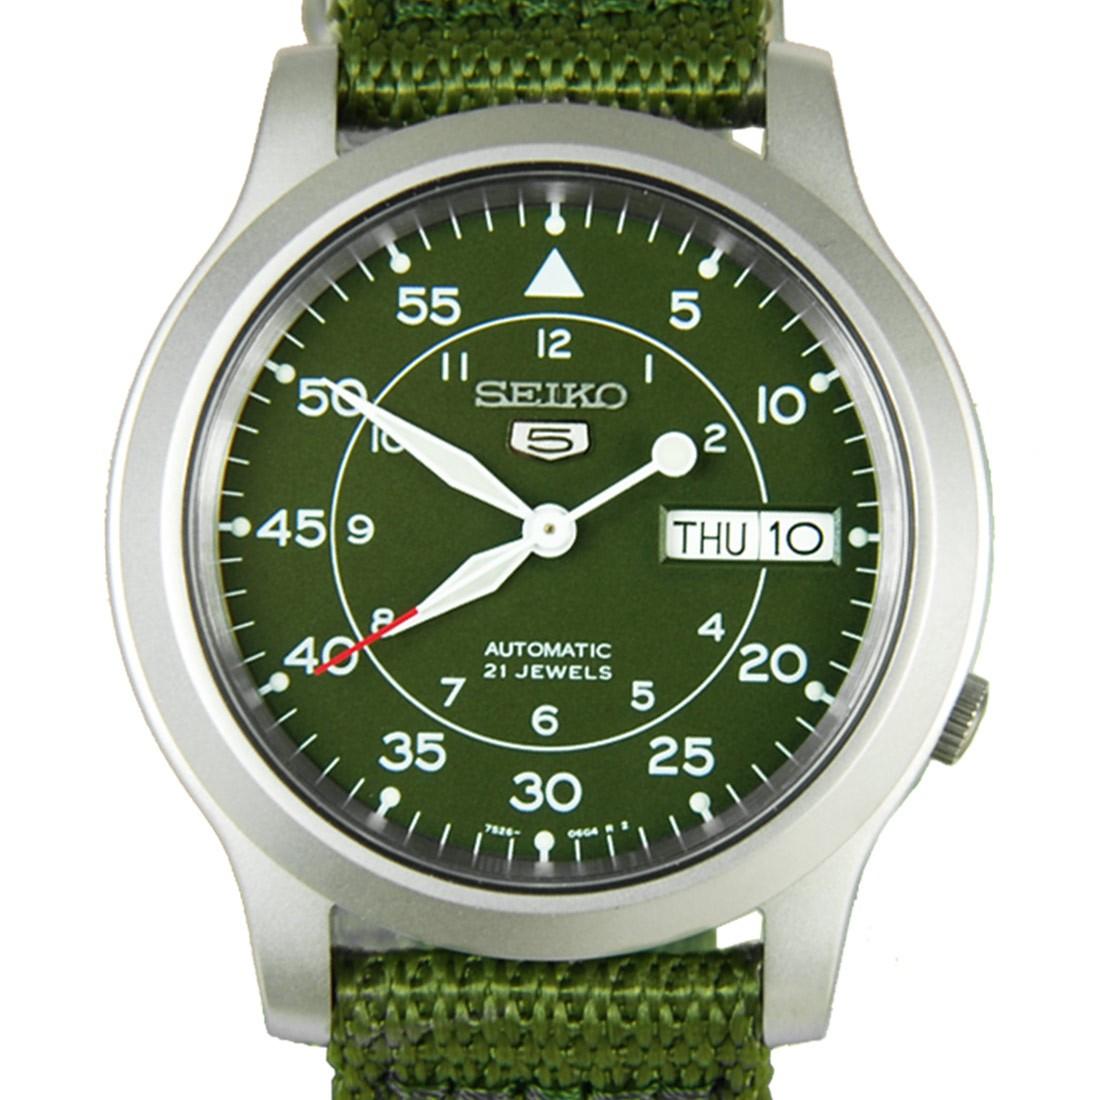 【錶飾精品】SEIKO手錶 精工錶 盾牌5號 綠色帆布 軍用機械錶 SNK805K2 全新原廠正品 情人生日禮物